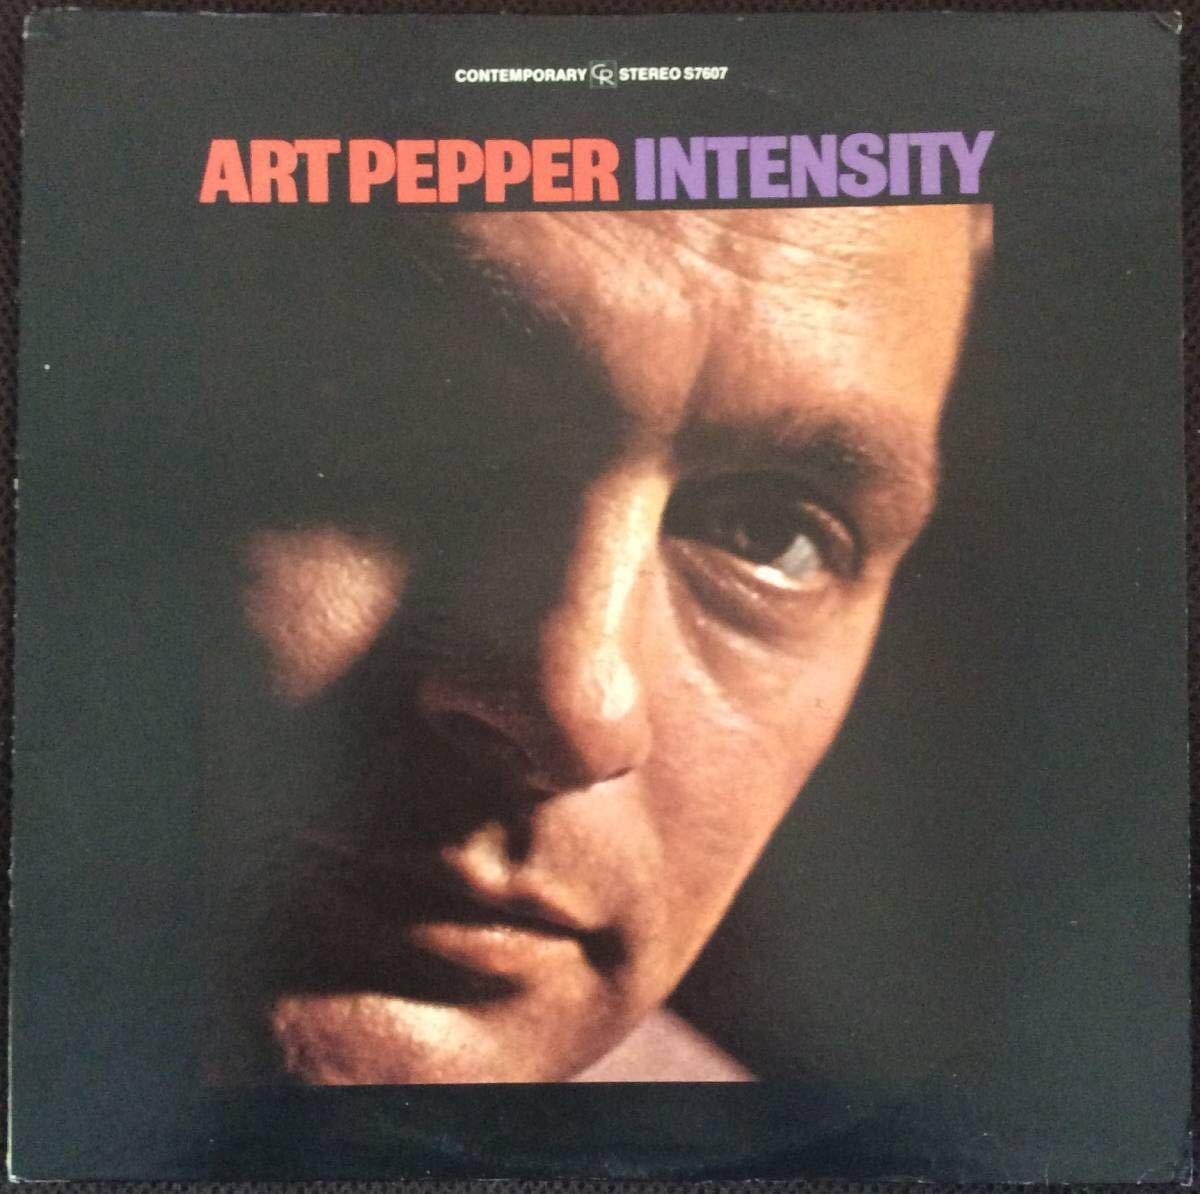 【米CONTEMPORARY】Art Pepper/ Intensity 両面D3 深緑レーベル アート・ペッパー